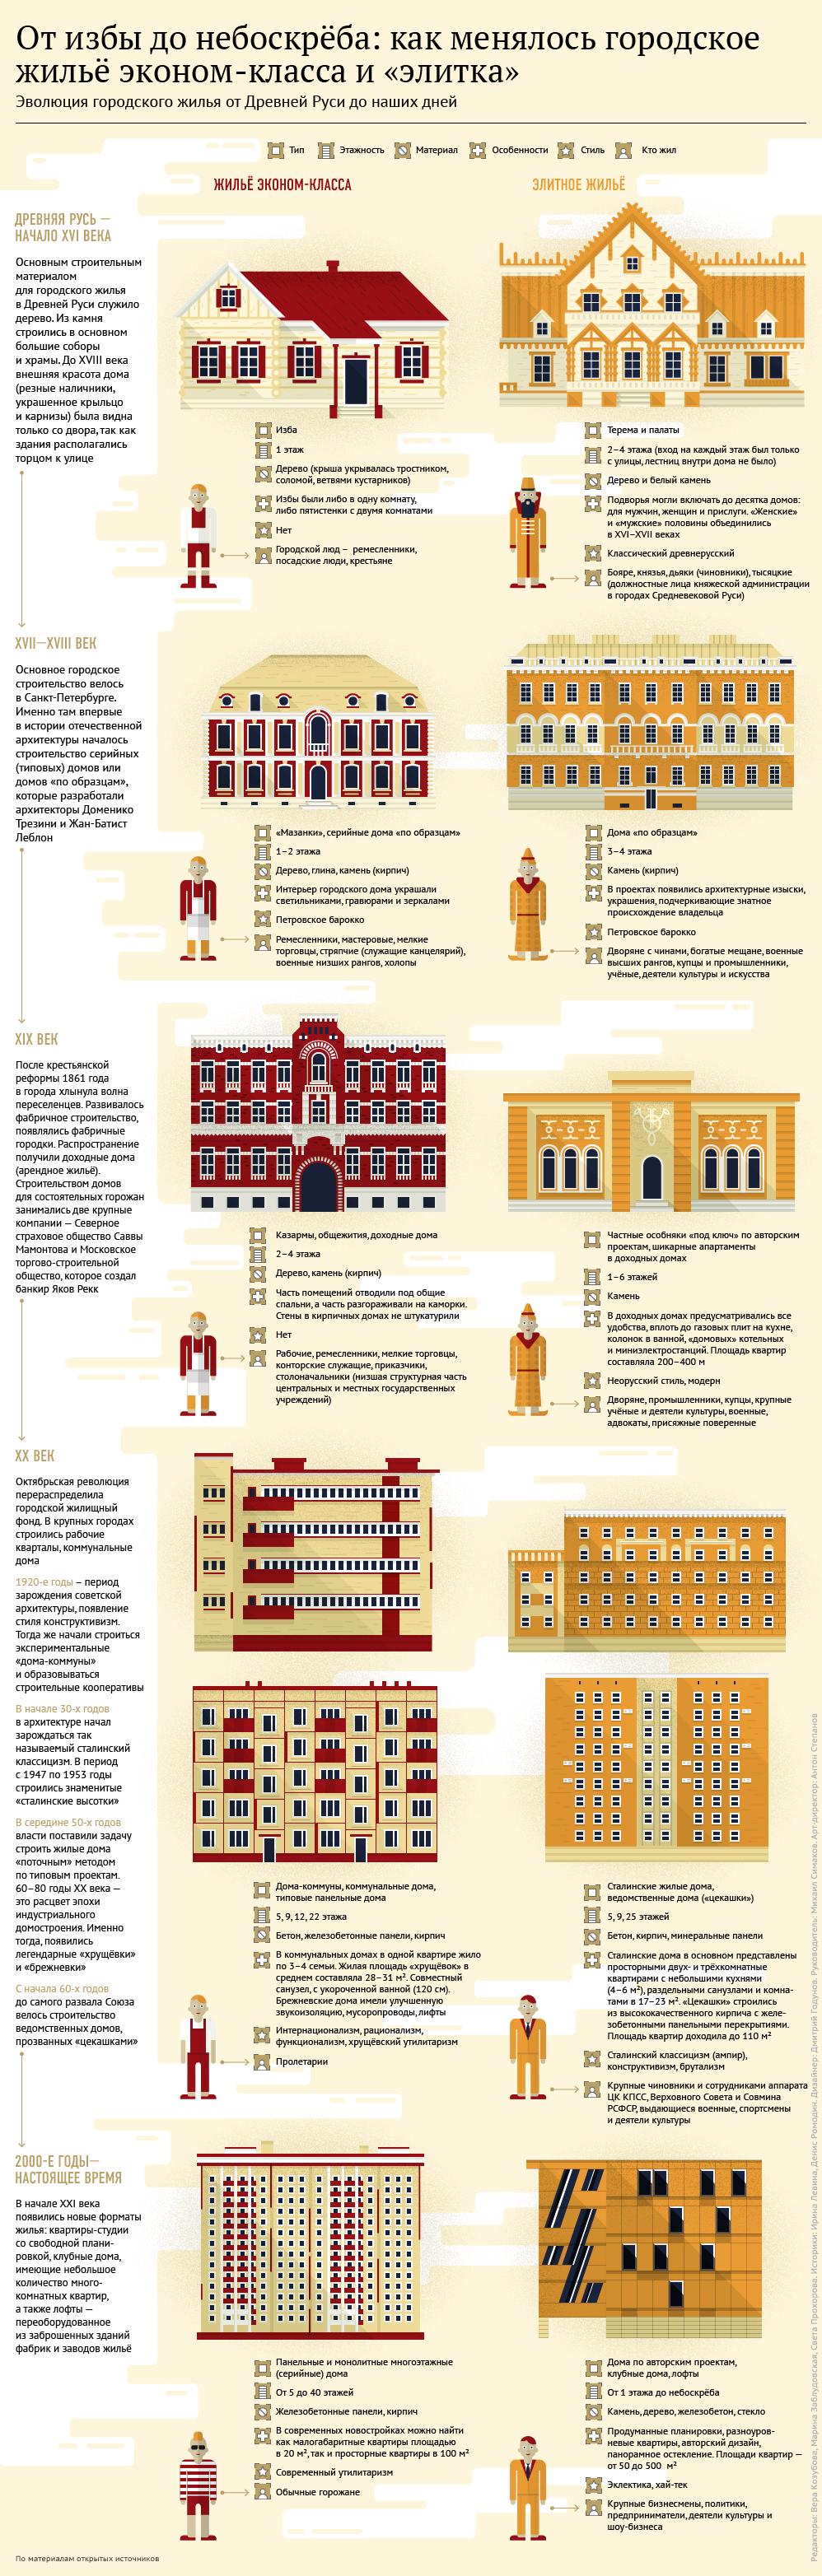 От избы до небоскрёба: как менялось городское жильё эконом-класса и «элитка»